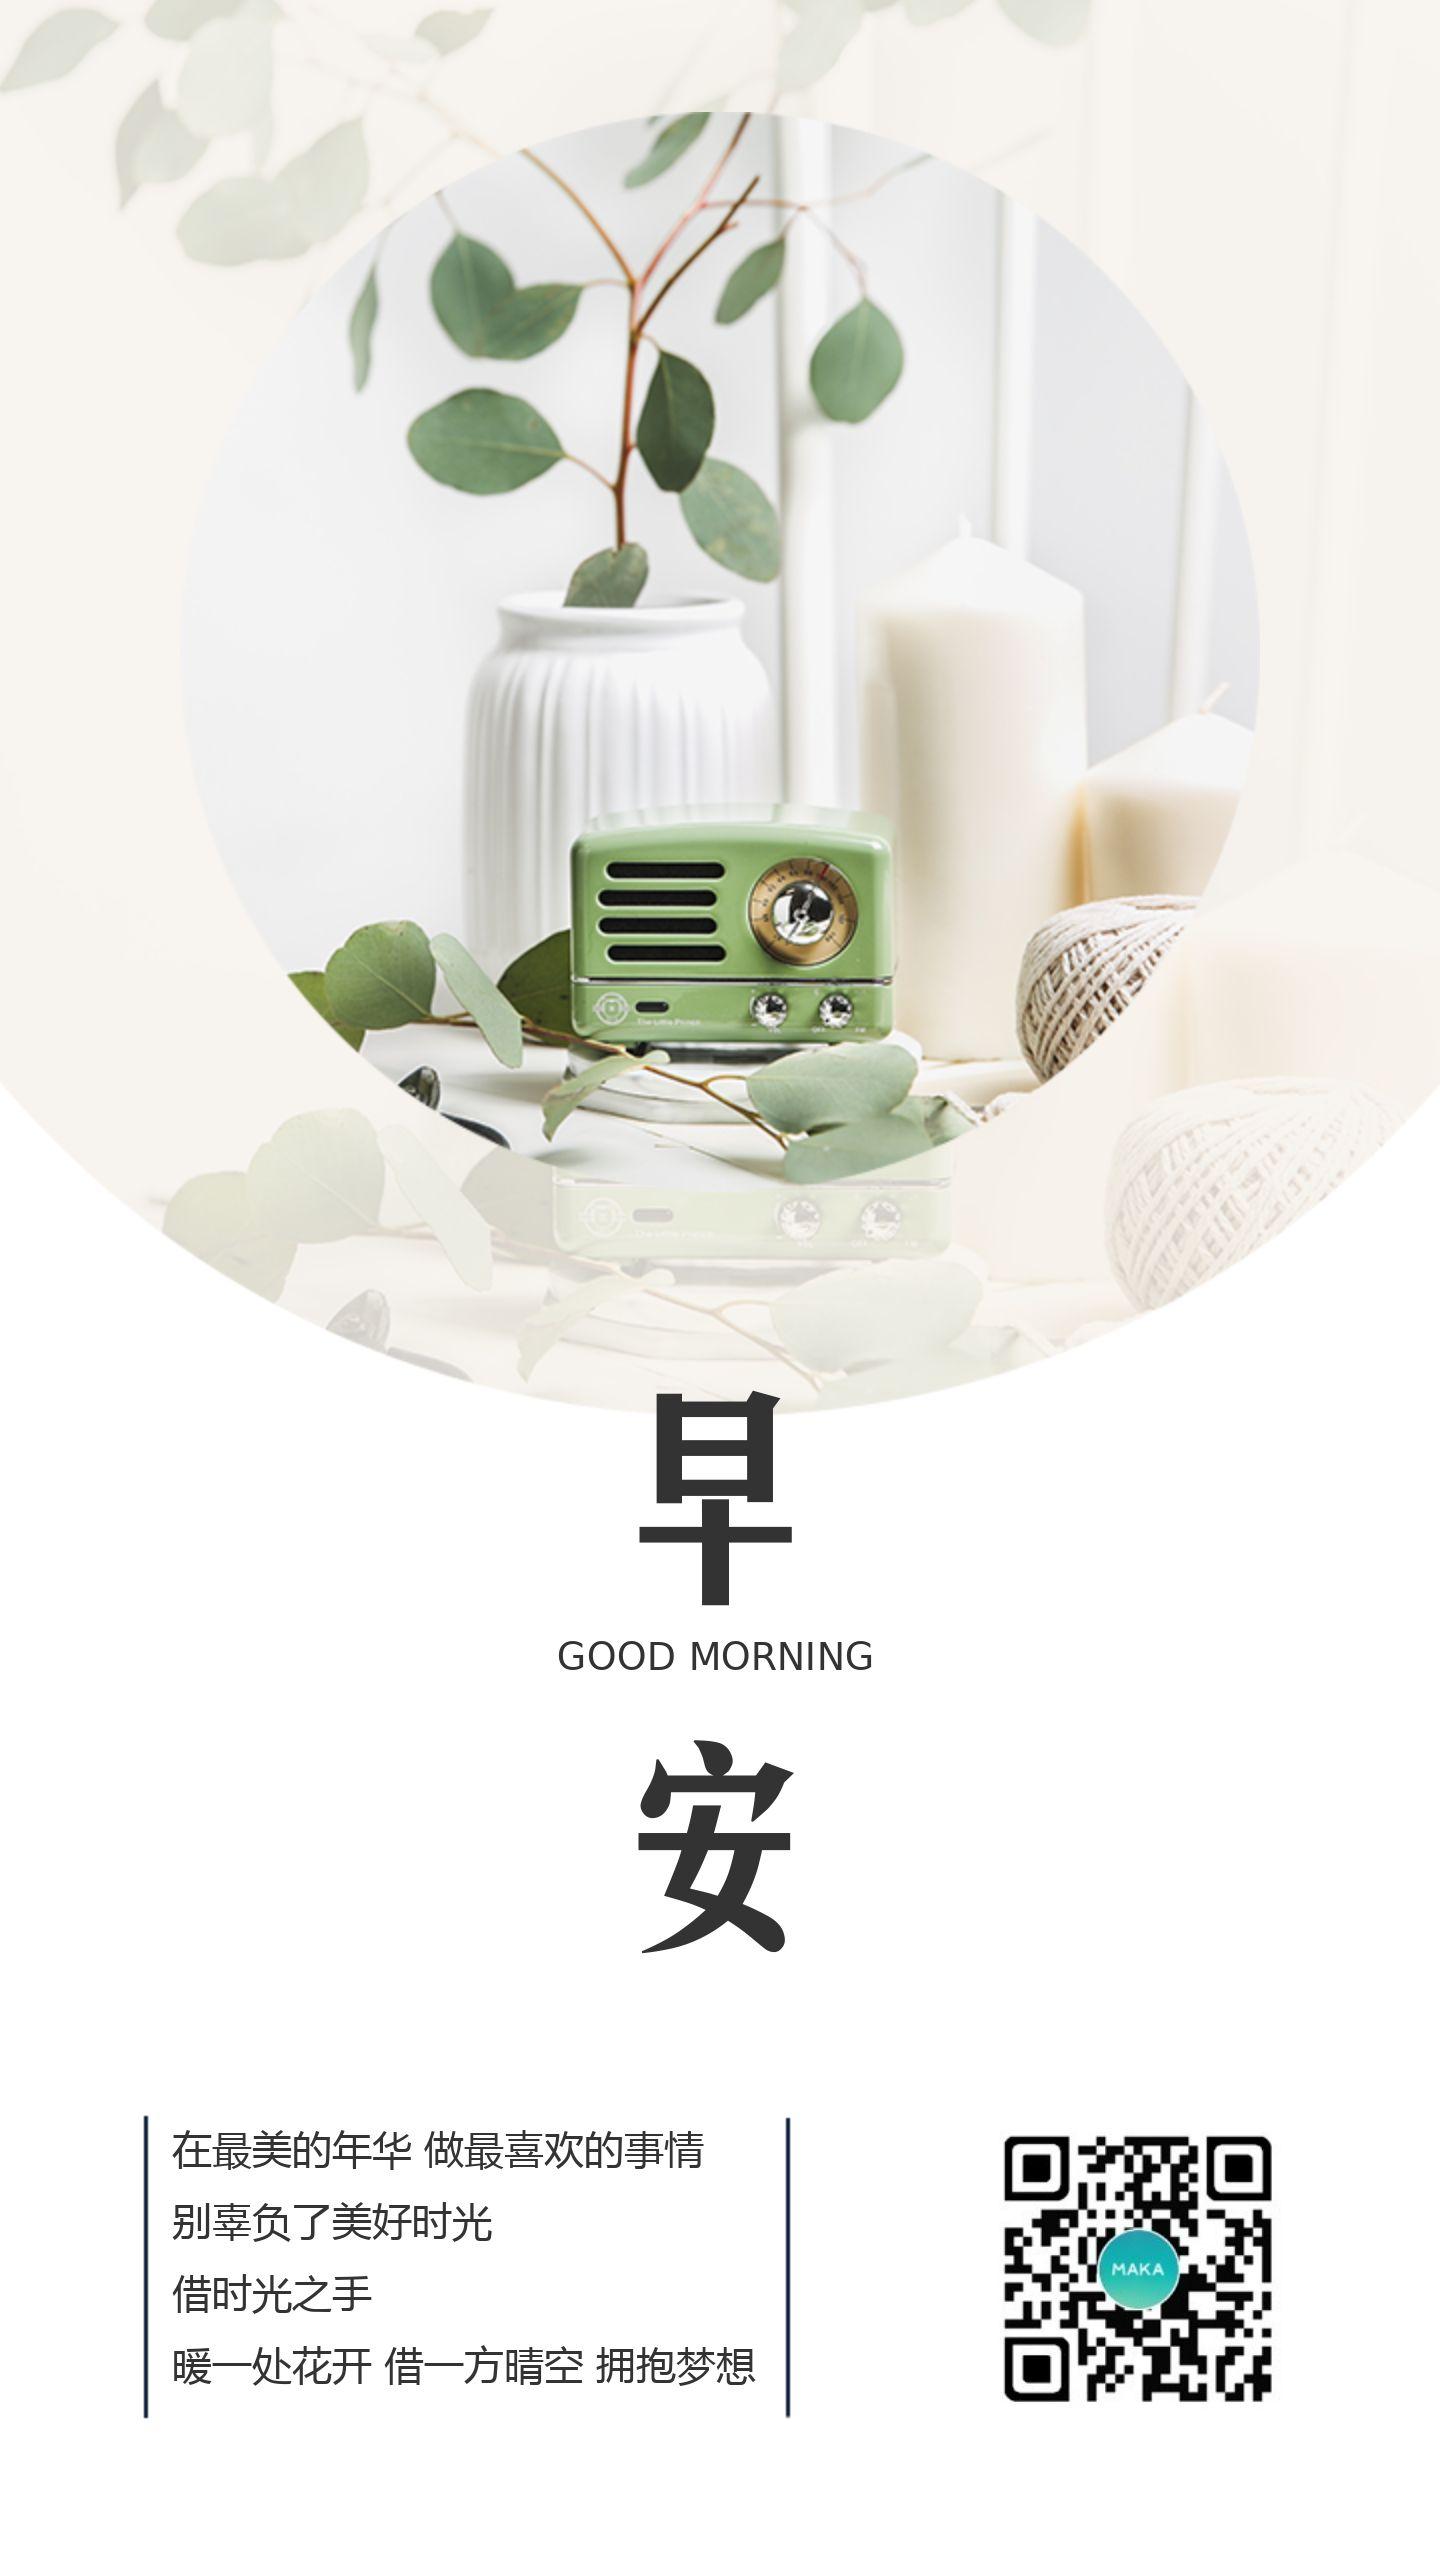 简约小清新早安晚安励志日签心情励志语录正能量手机海报